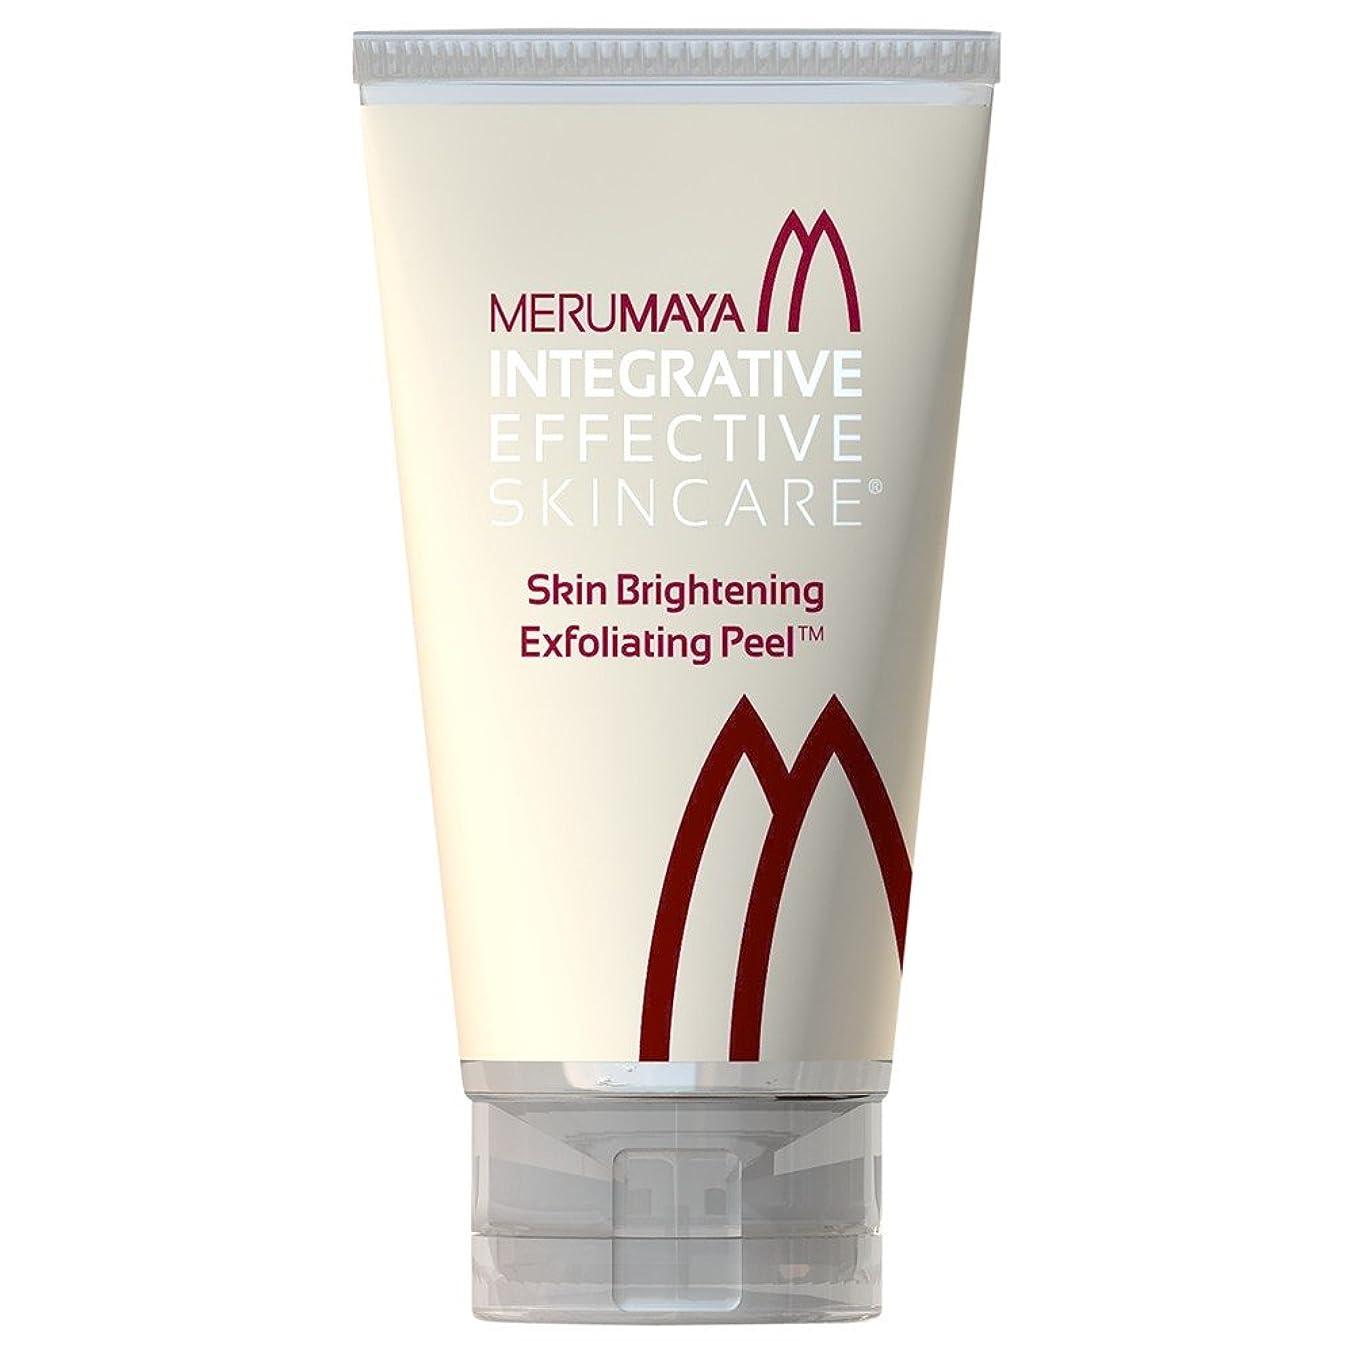 ぞっとするような車貸し手Merumayaスキンブライトニングピーリング剥離?の50ミリリットル (Merumaya) (x6) - MERUMAYA Skin Brightening Exfoliating Peel? 50ml (Pack of 6) [並行輸入品]